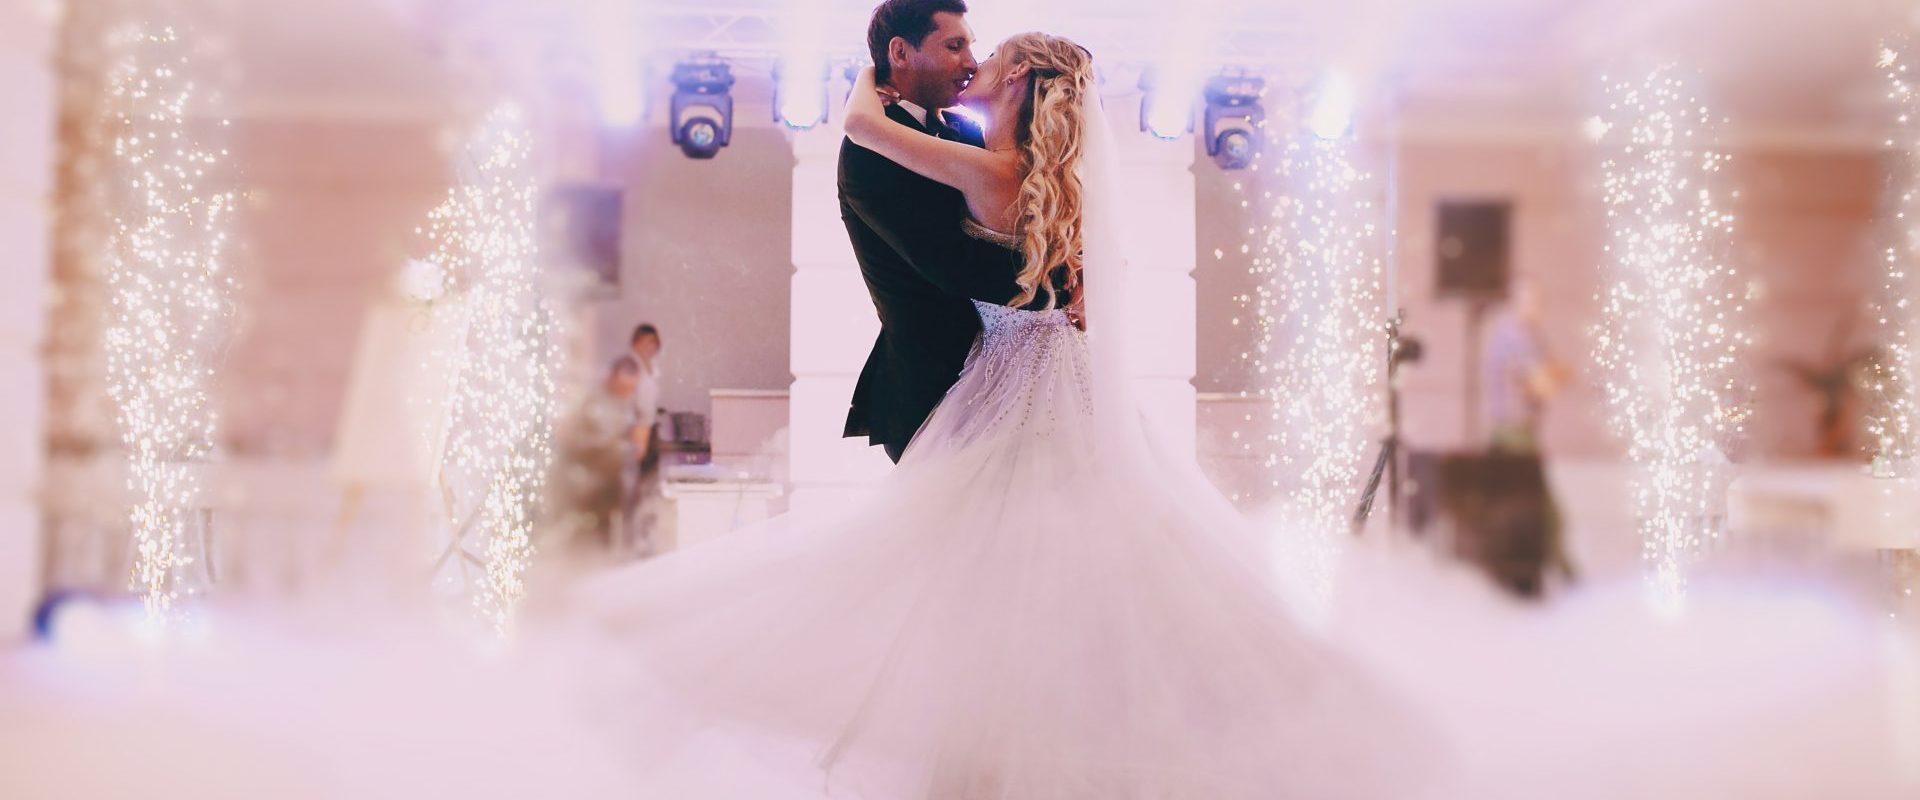 Nowożeńcy, pierwszy taniec w chmurah, ciężki dym na wesele